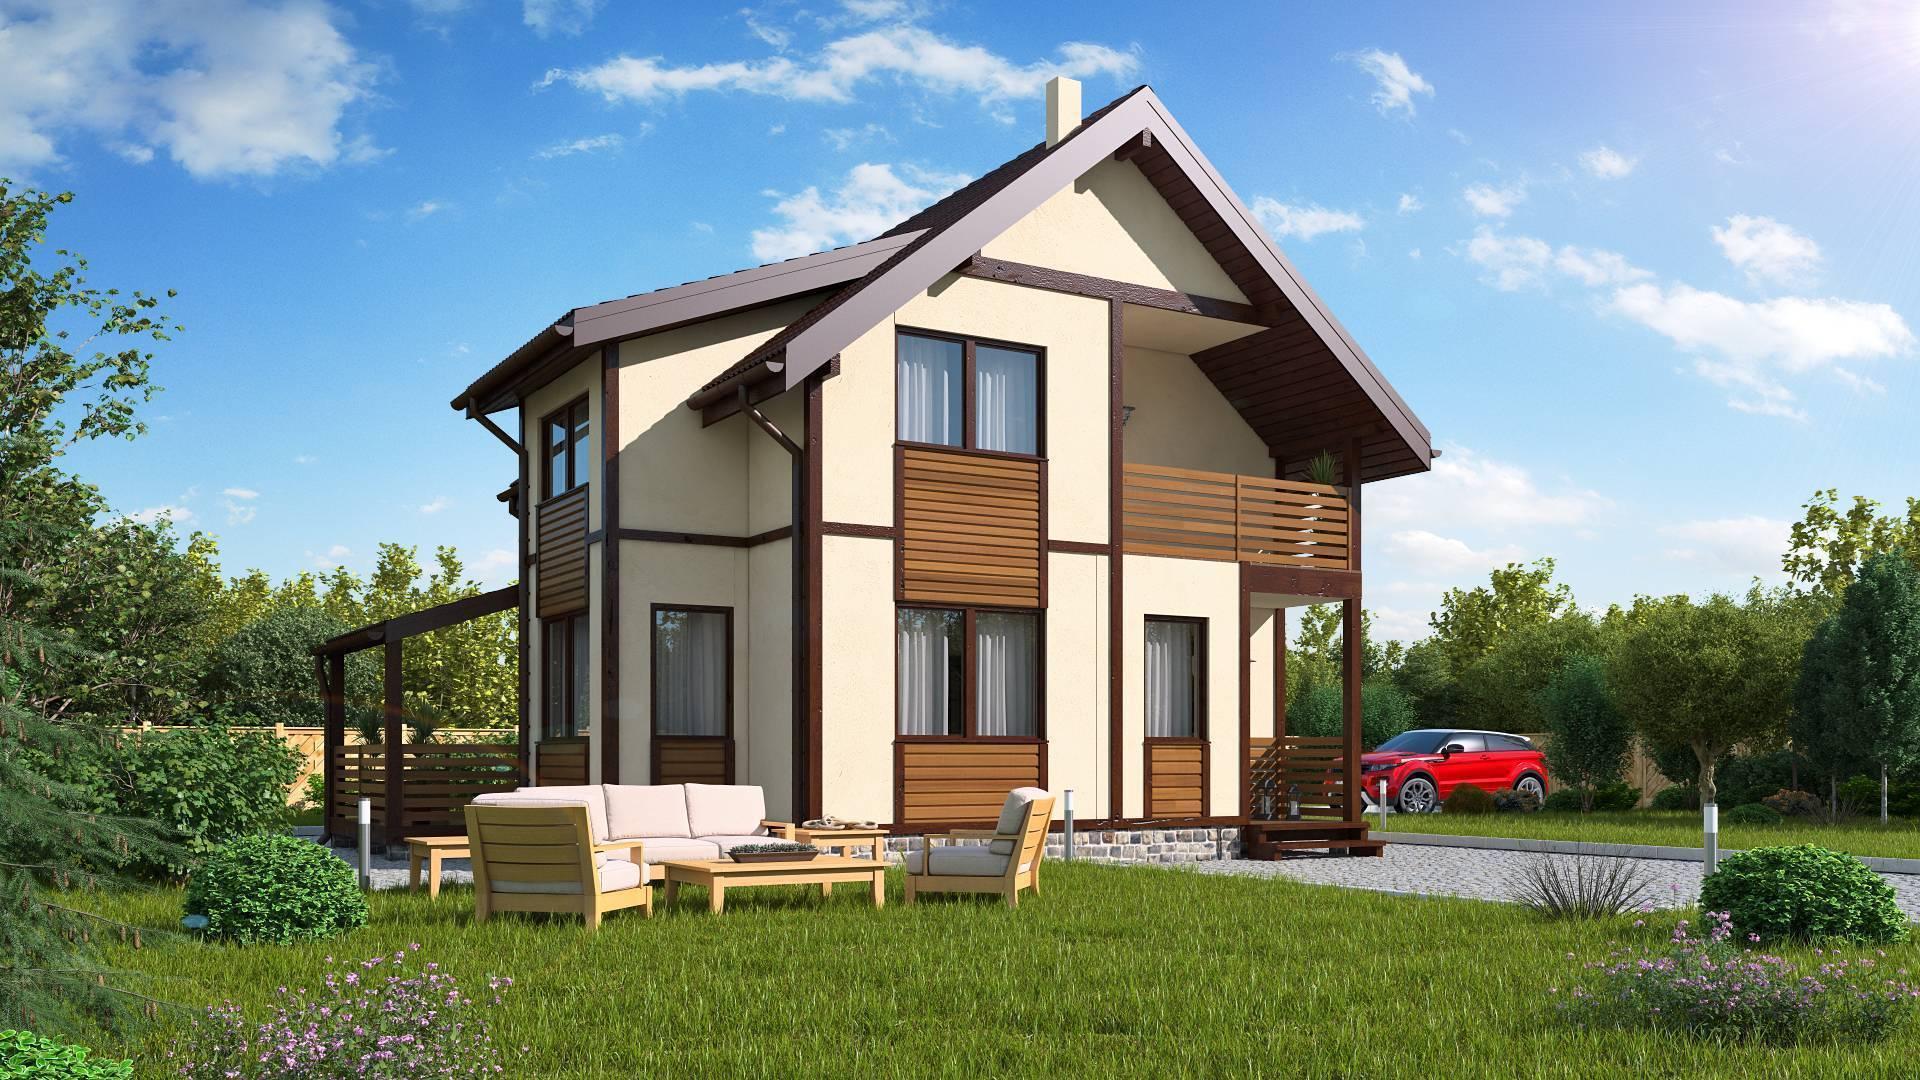 Как выглядит готовый проект дома: пример готового проекта дома в 2 этажа